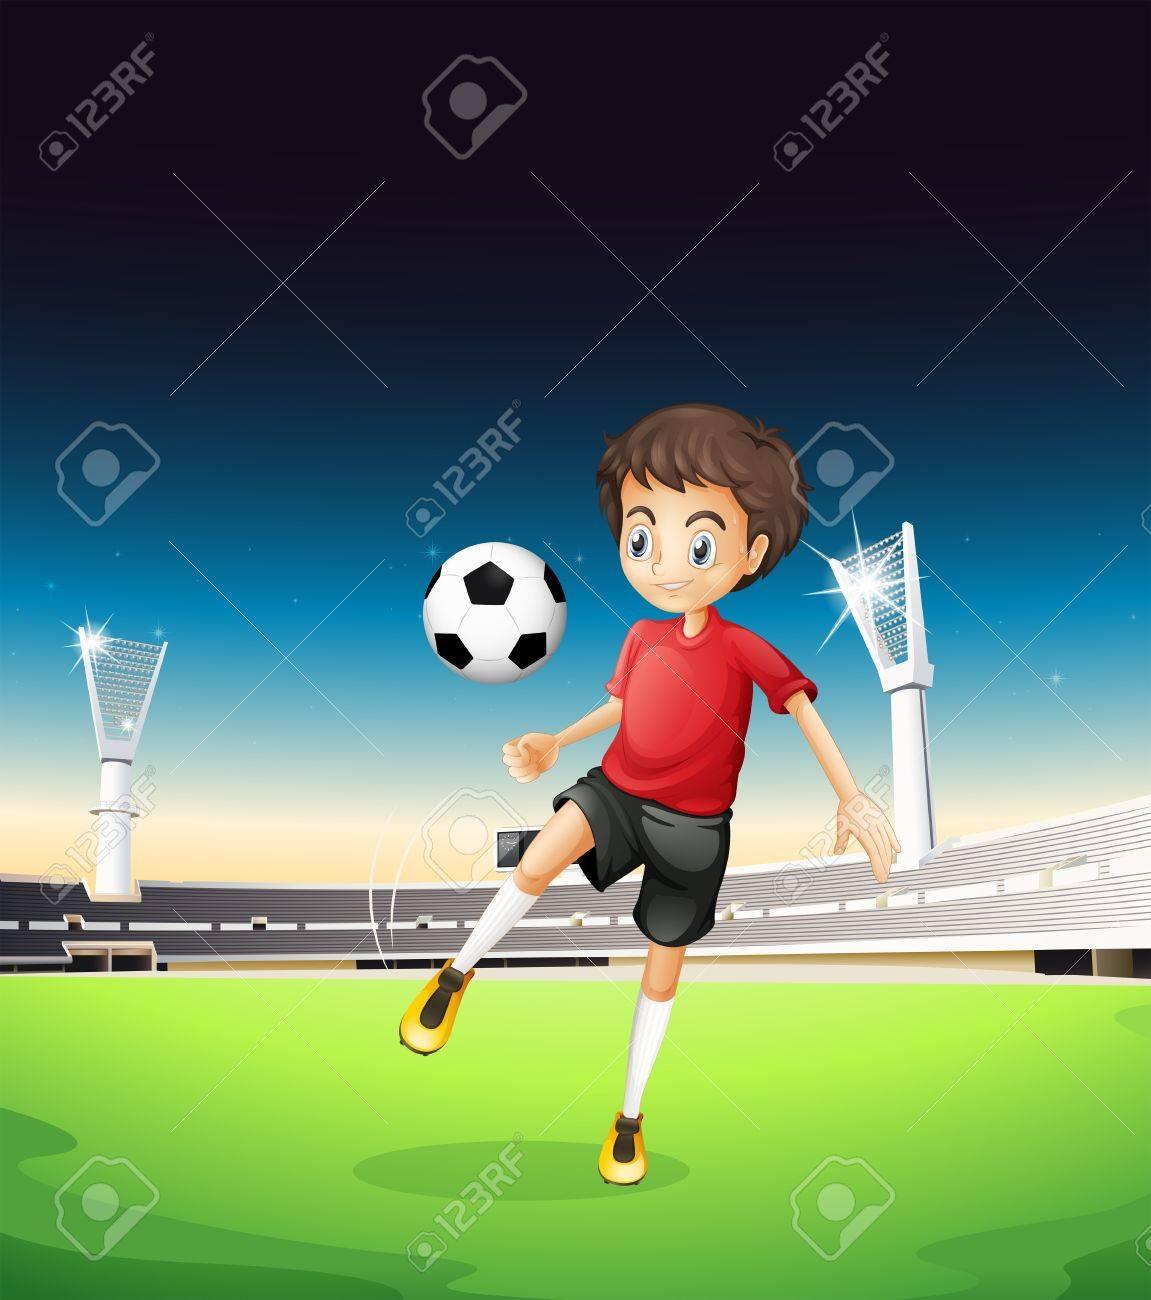 Ilustración De Un Niño Jugando Solo Futbol Ilustraciones Vectoriales ... f2ebebc2fc922